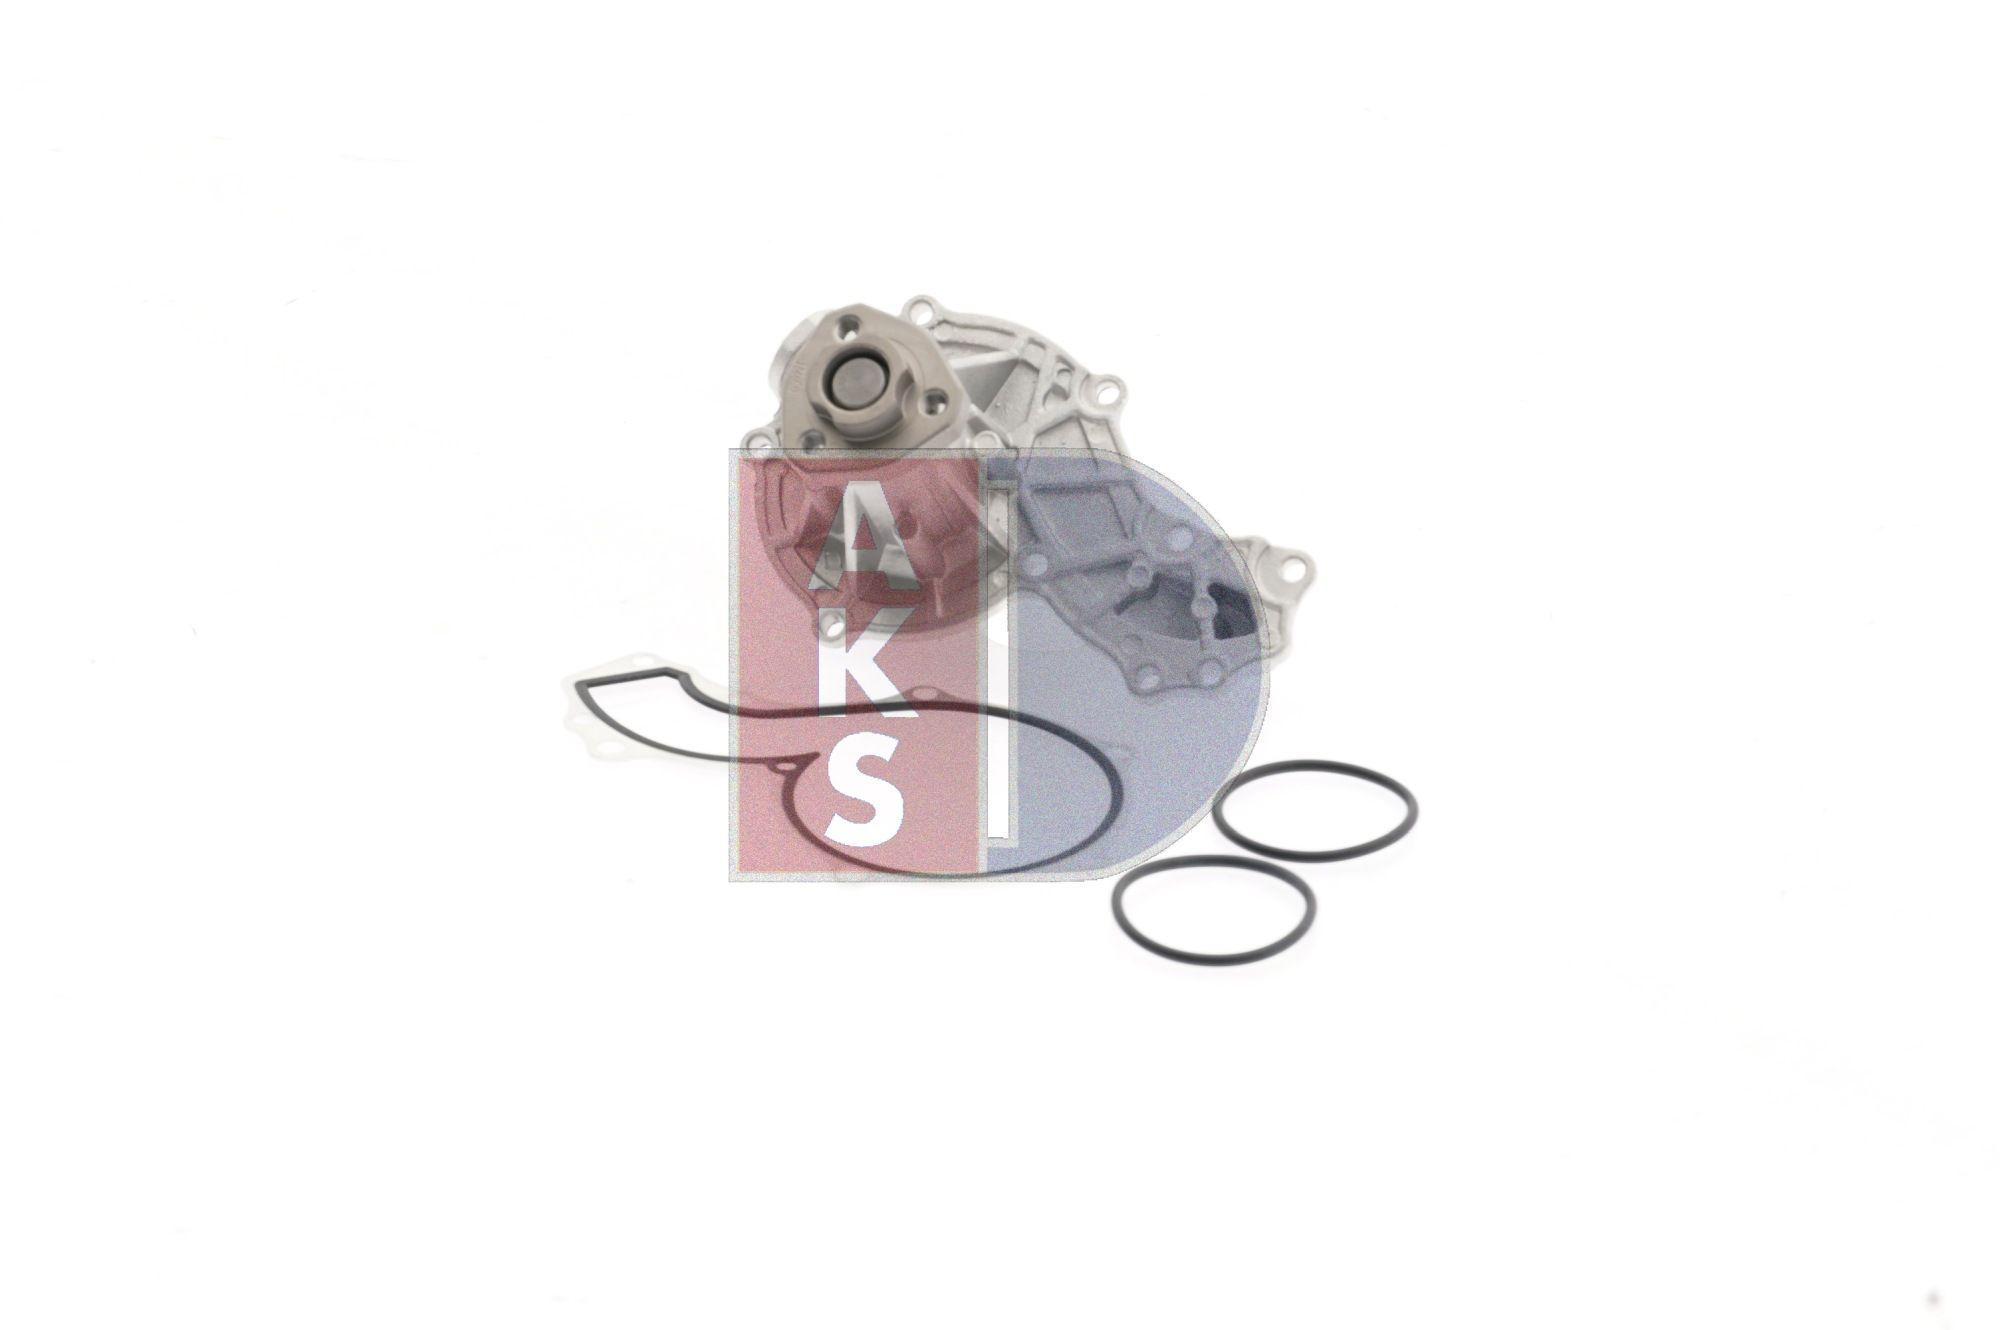 570004N Kühlmittelpumpe AKS DASIS 570004N - Große Auswahl - stark reduziert